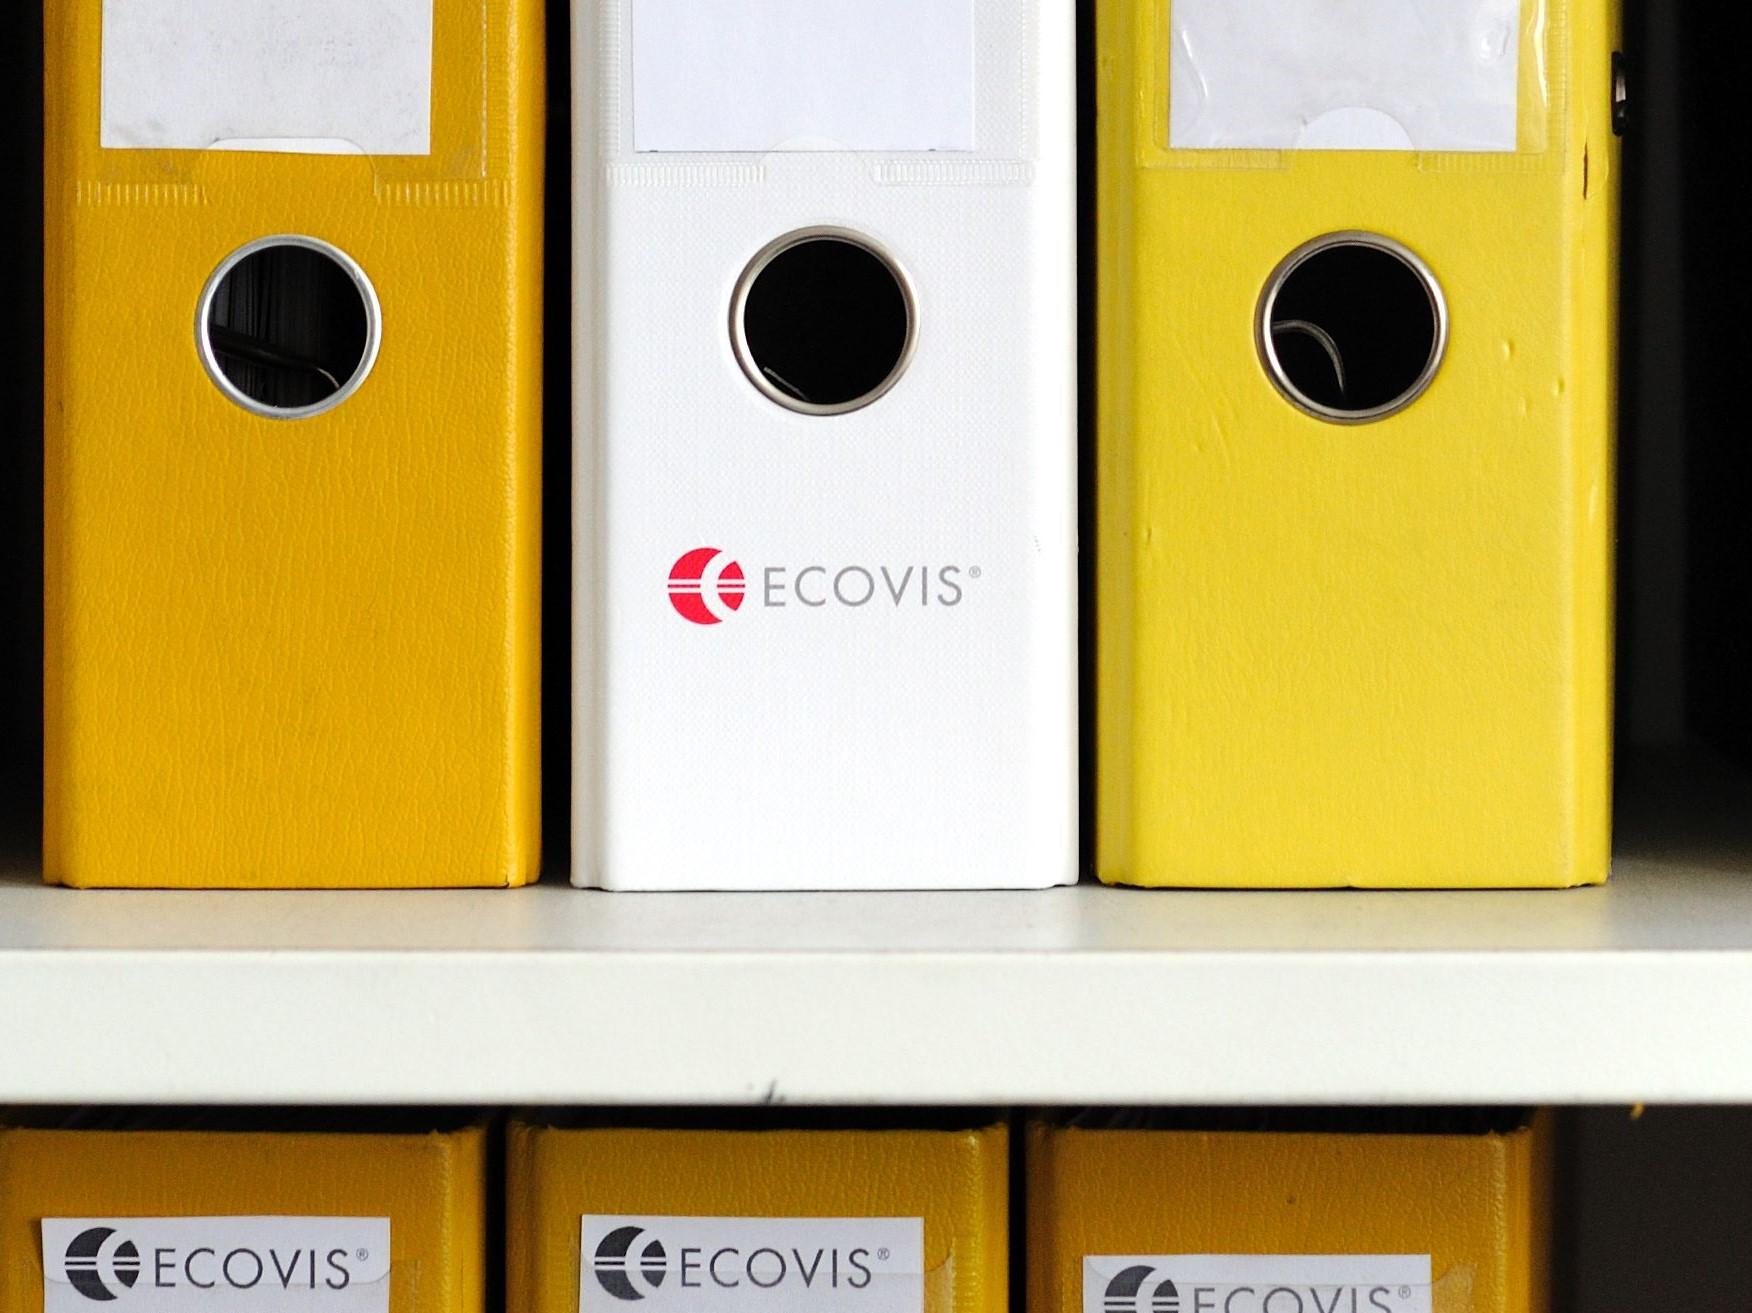 ECOVIS ježek nový zákon o ochraně osobních údajů GDPR 2019